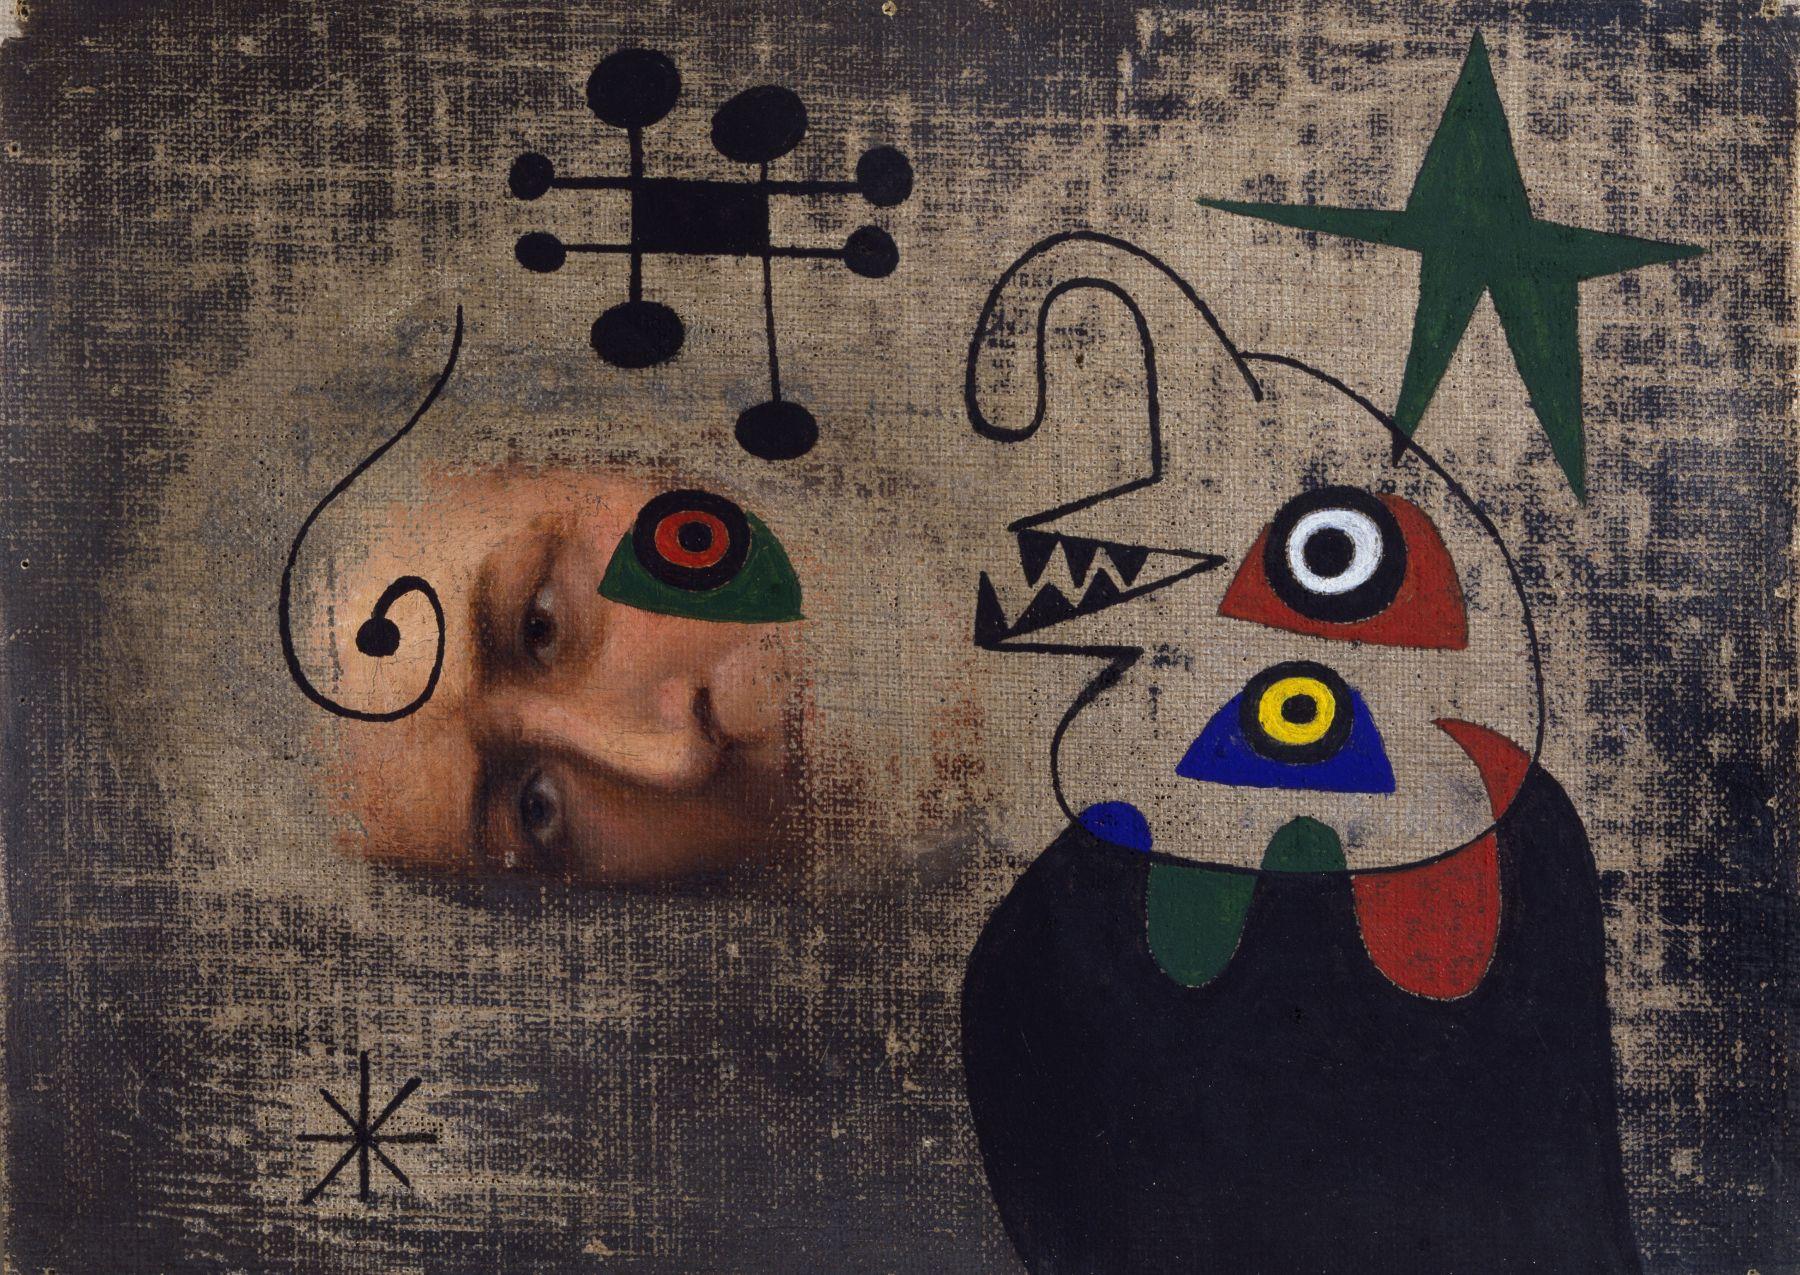 Joan Miró Personnage dans la nuit, 1944